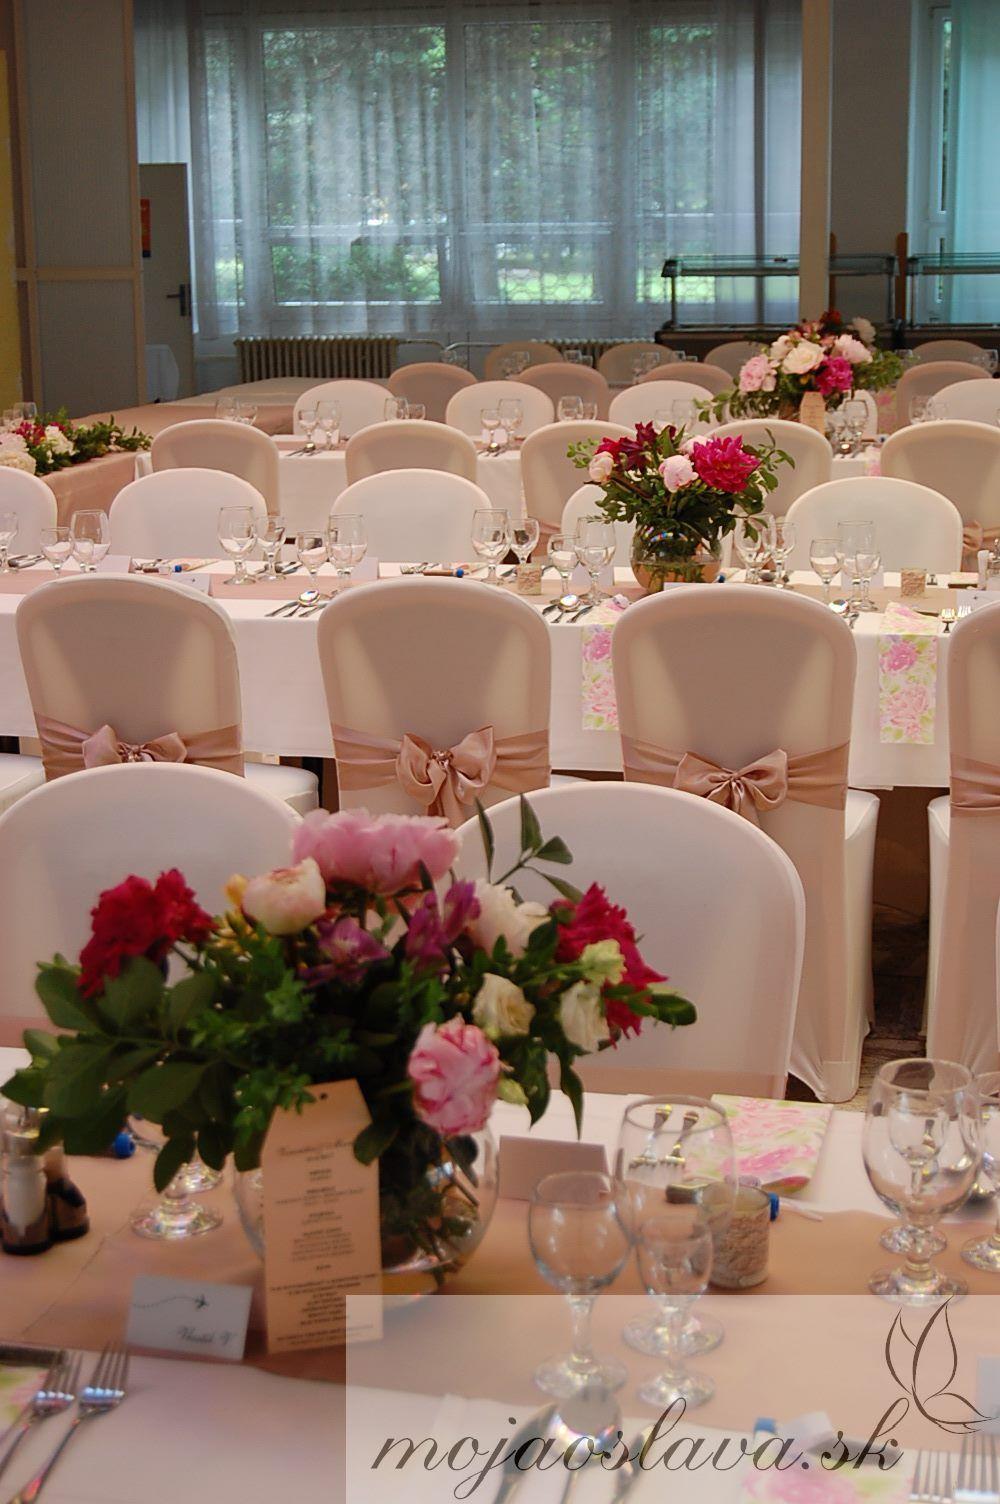 Decoration images for wedding  peony wedding table decoration   wedding table decoration